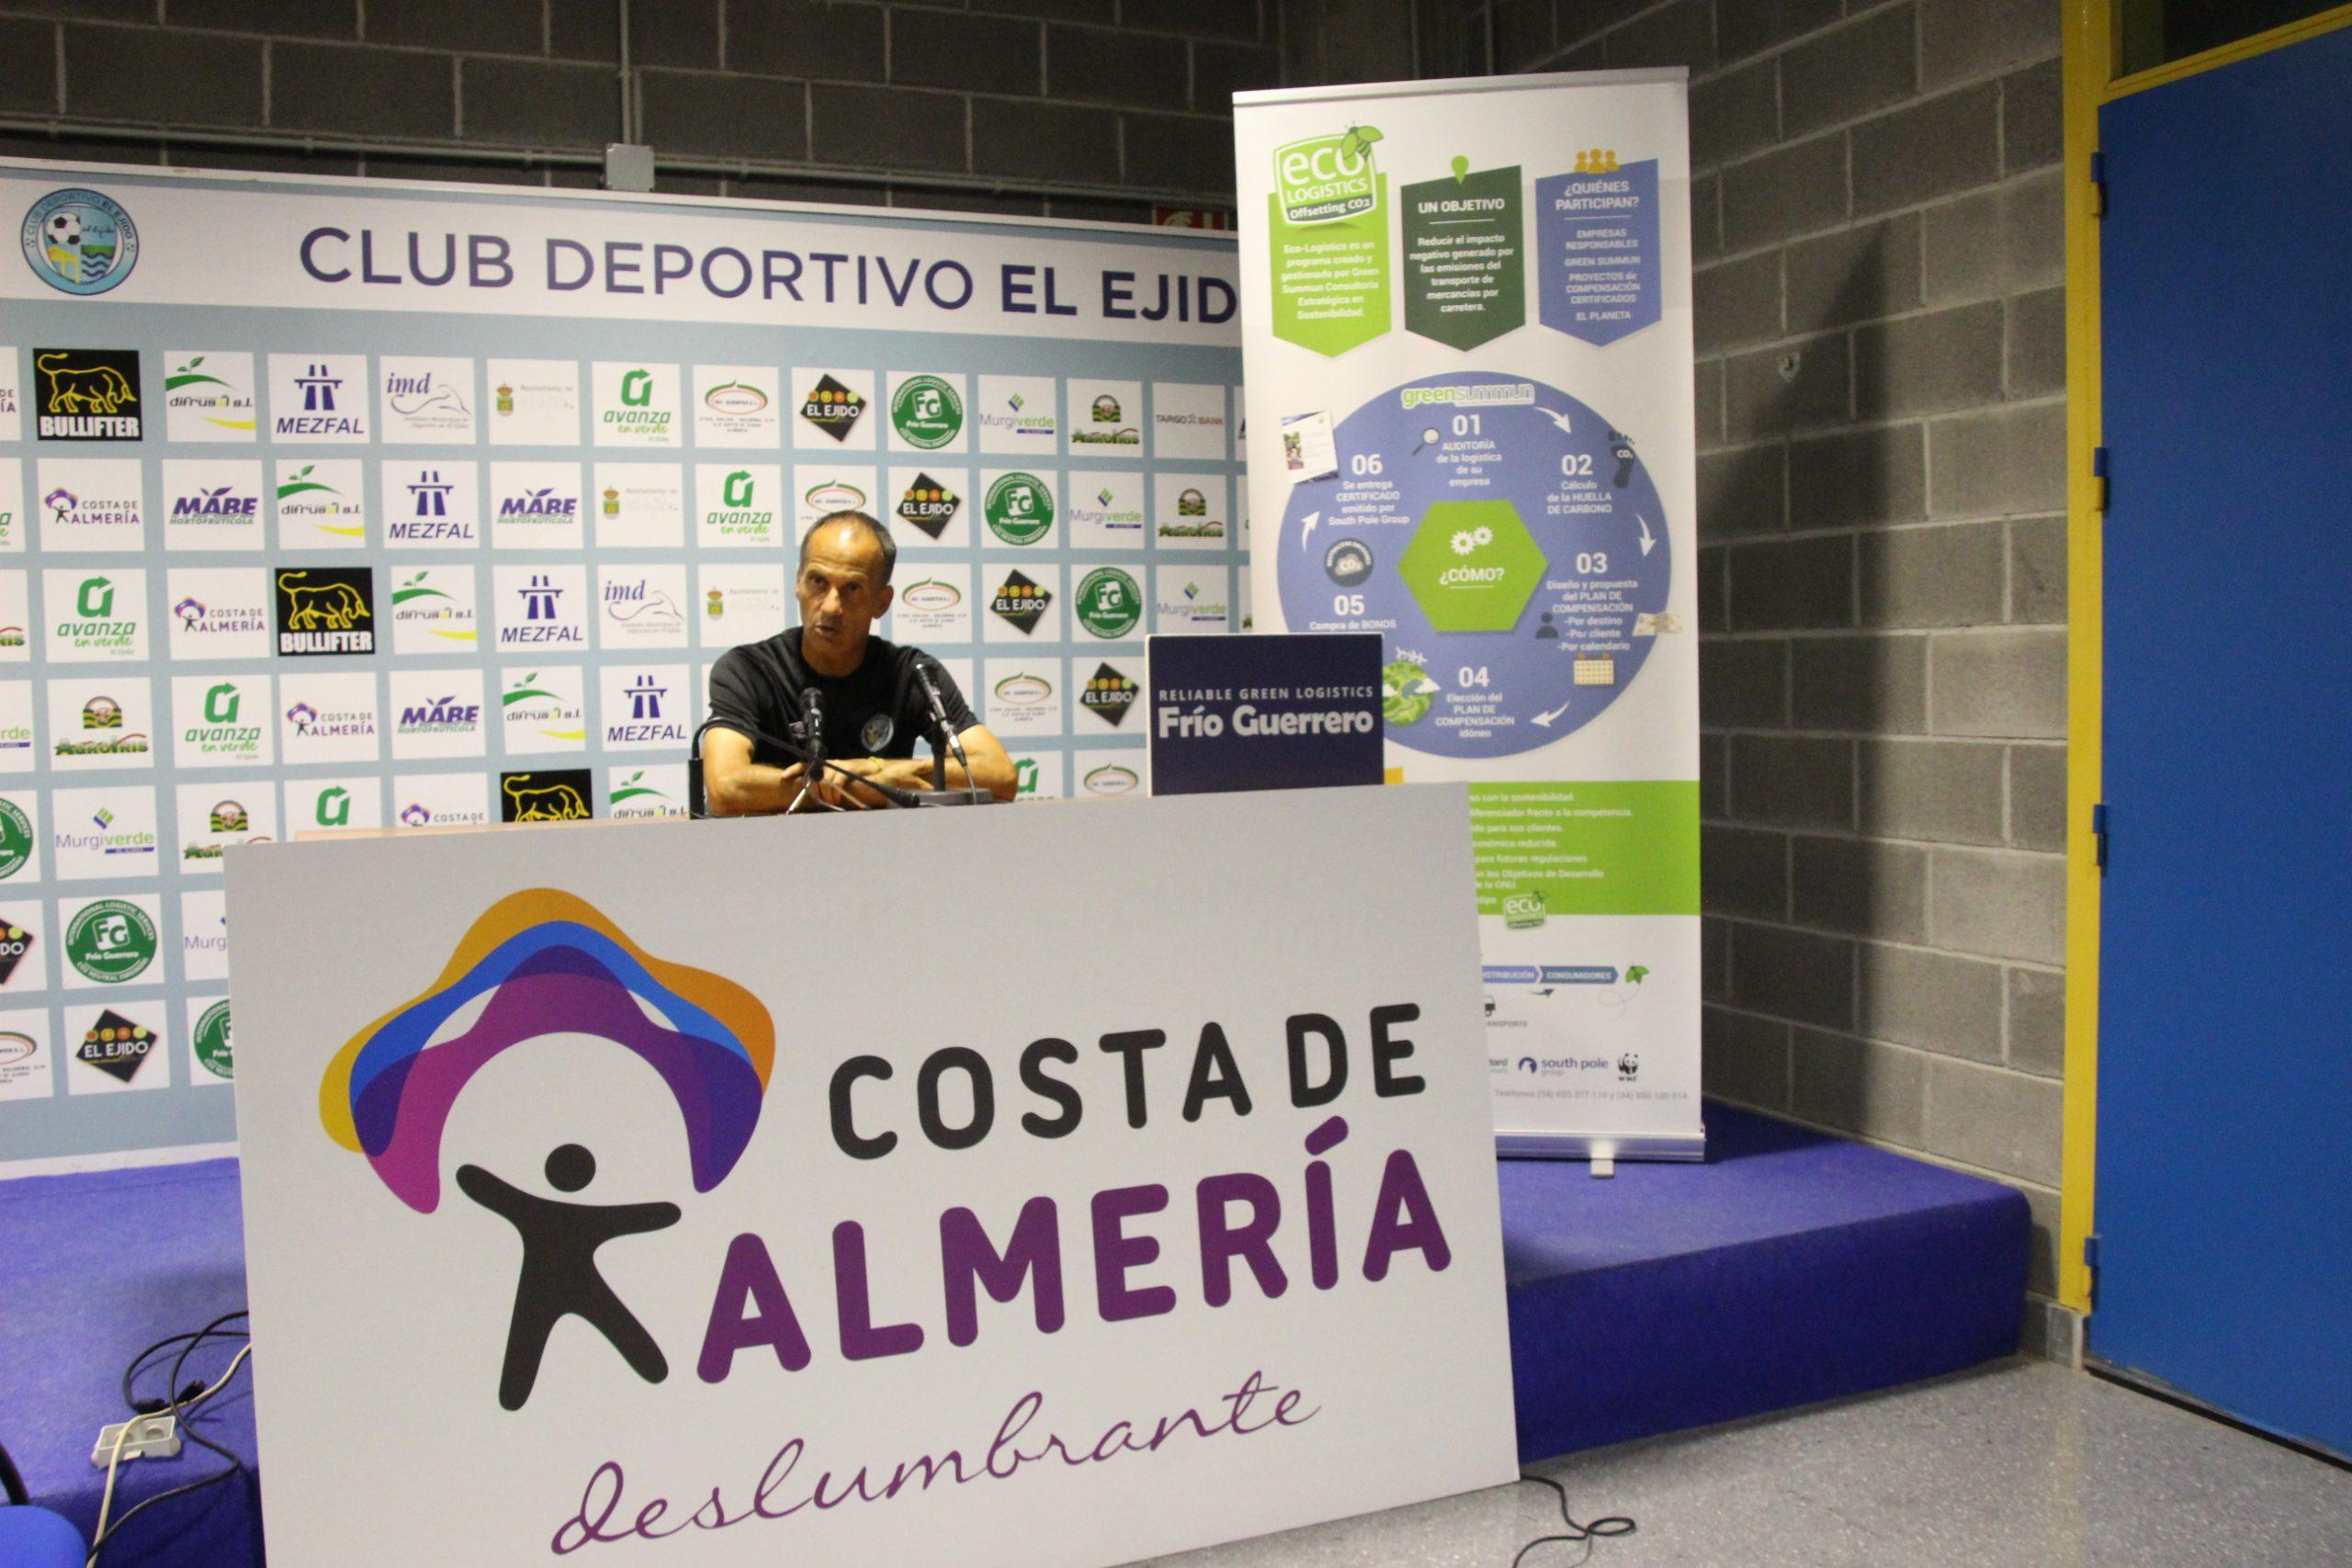 El Club Deportivo El Ejido, con la moral renovada, visita Socuéllamos con ansias de triunfar